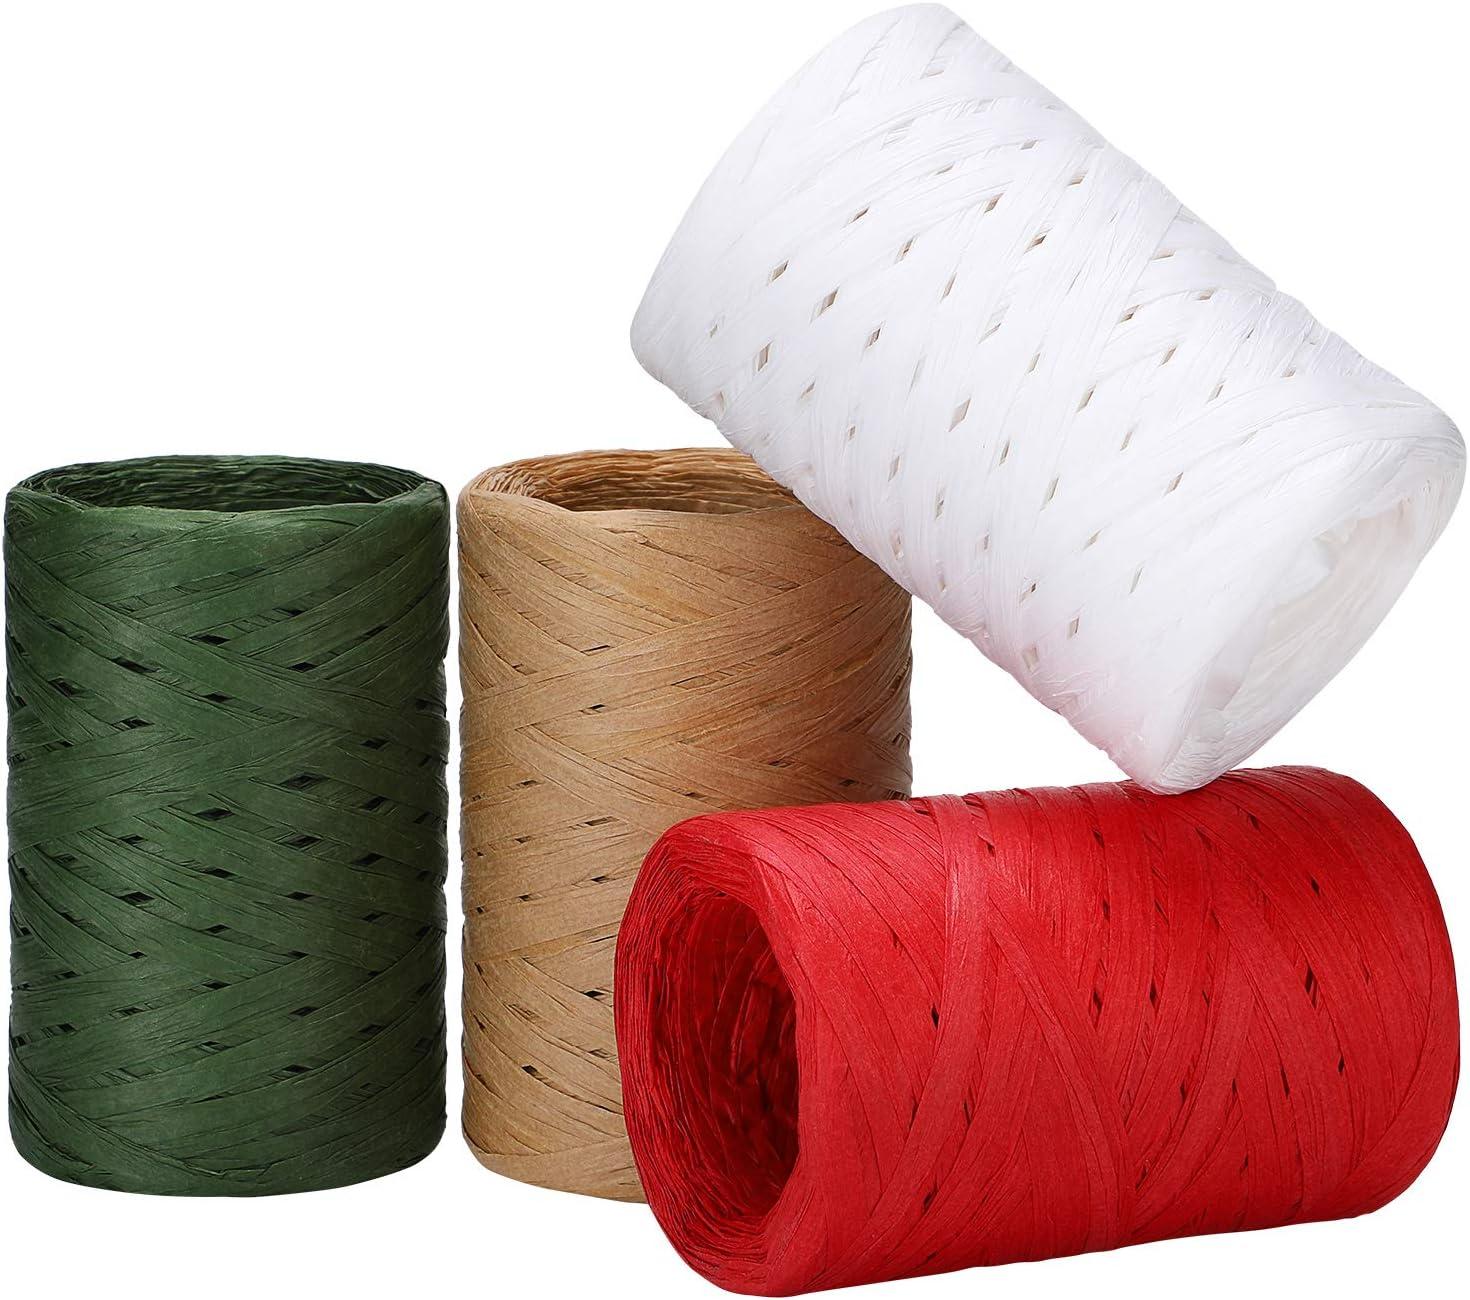 4 Rolls Christmas Raffia Ribbon Ch Paper Max 76% Max 67% OFF OFF 1200 Feet